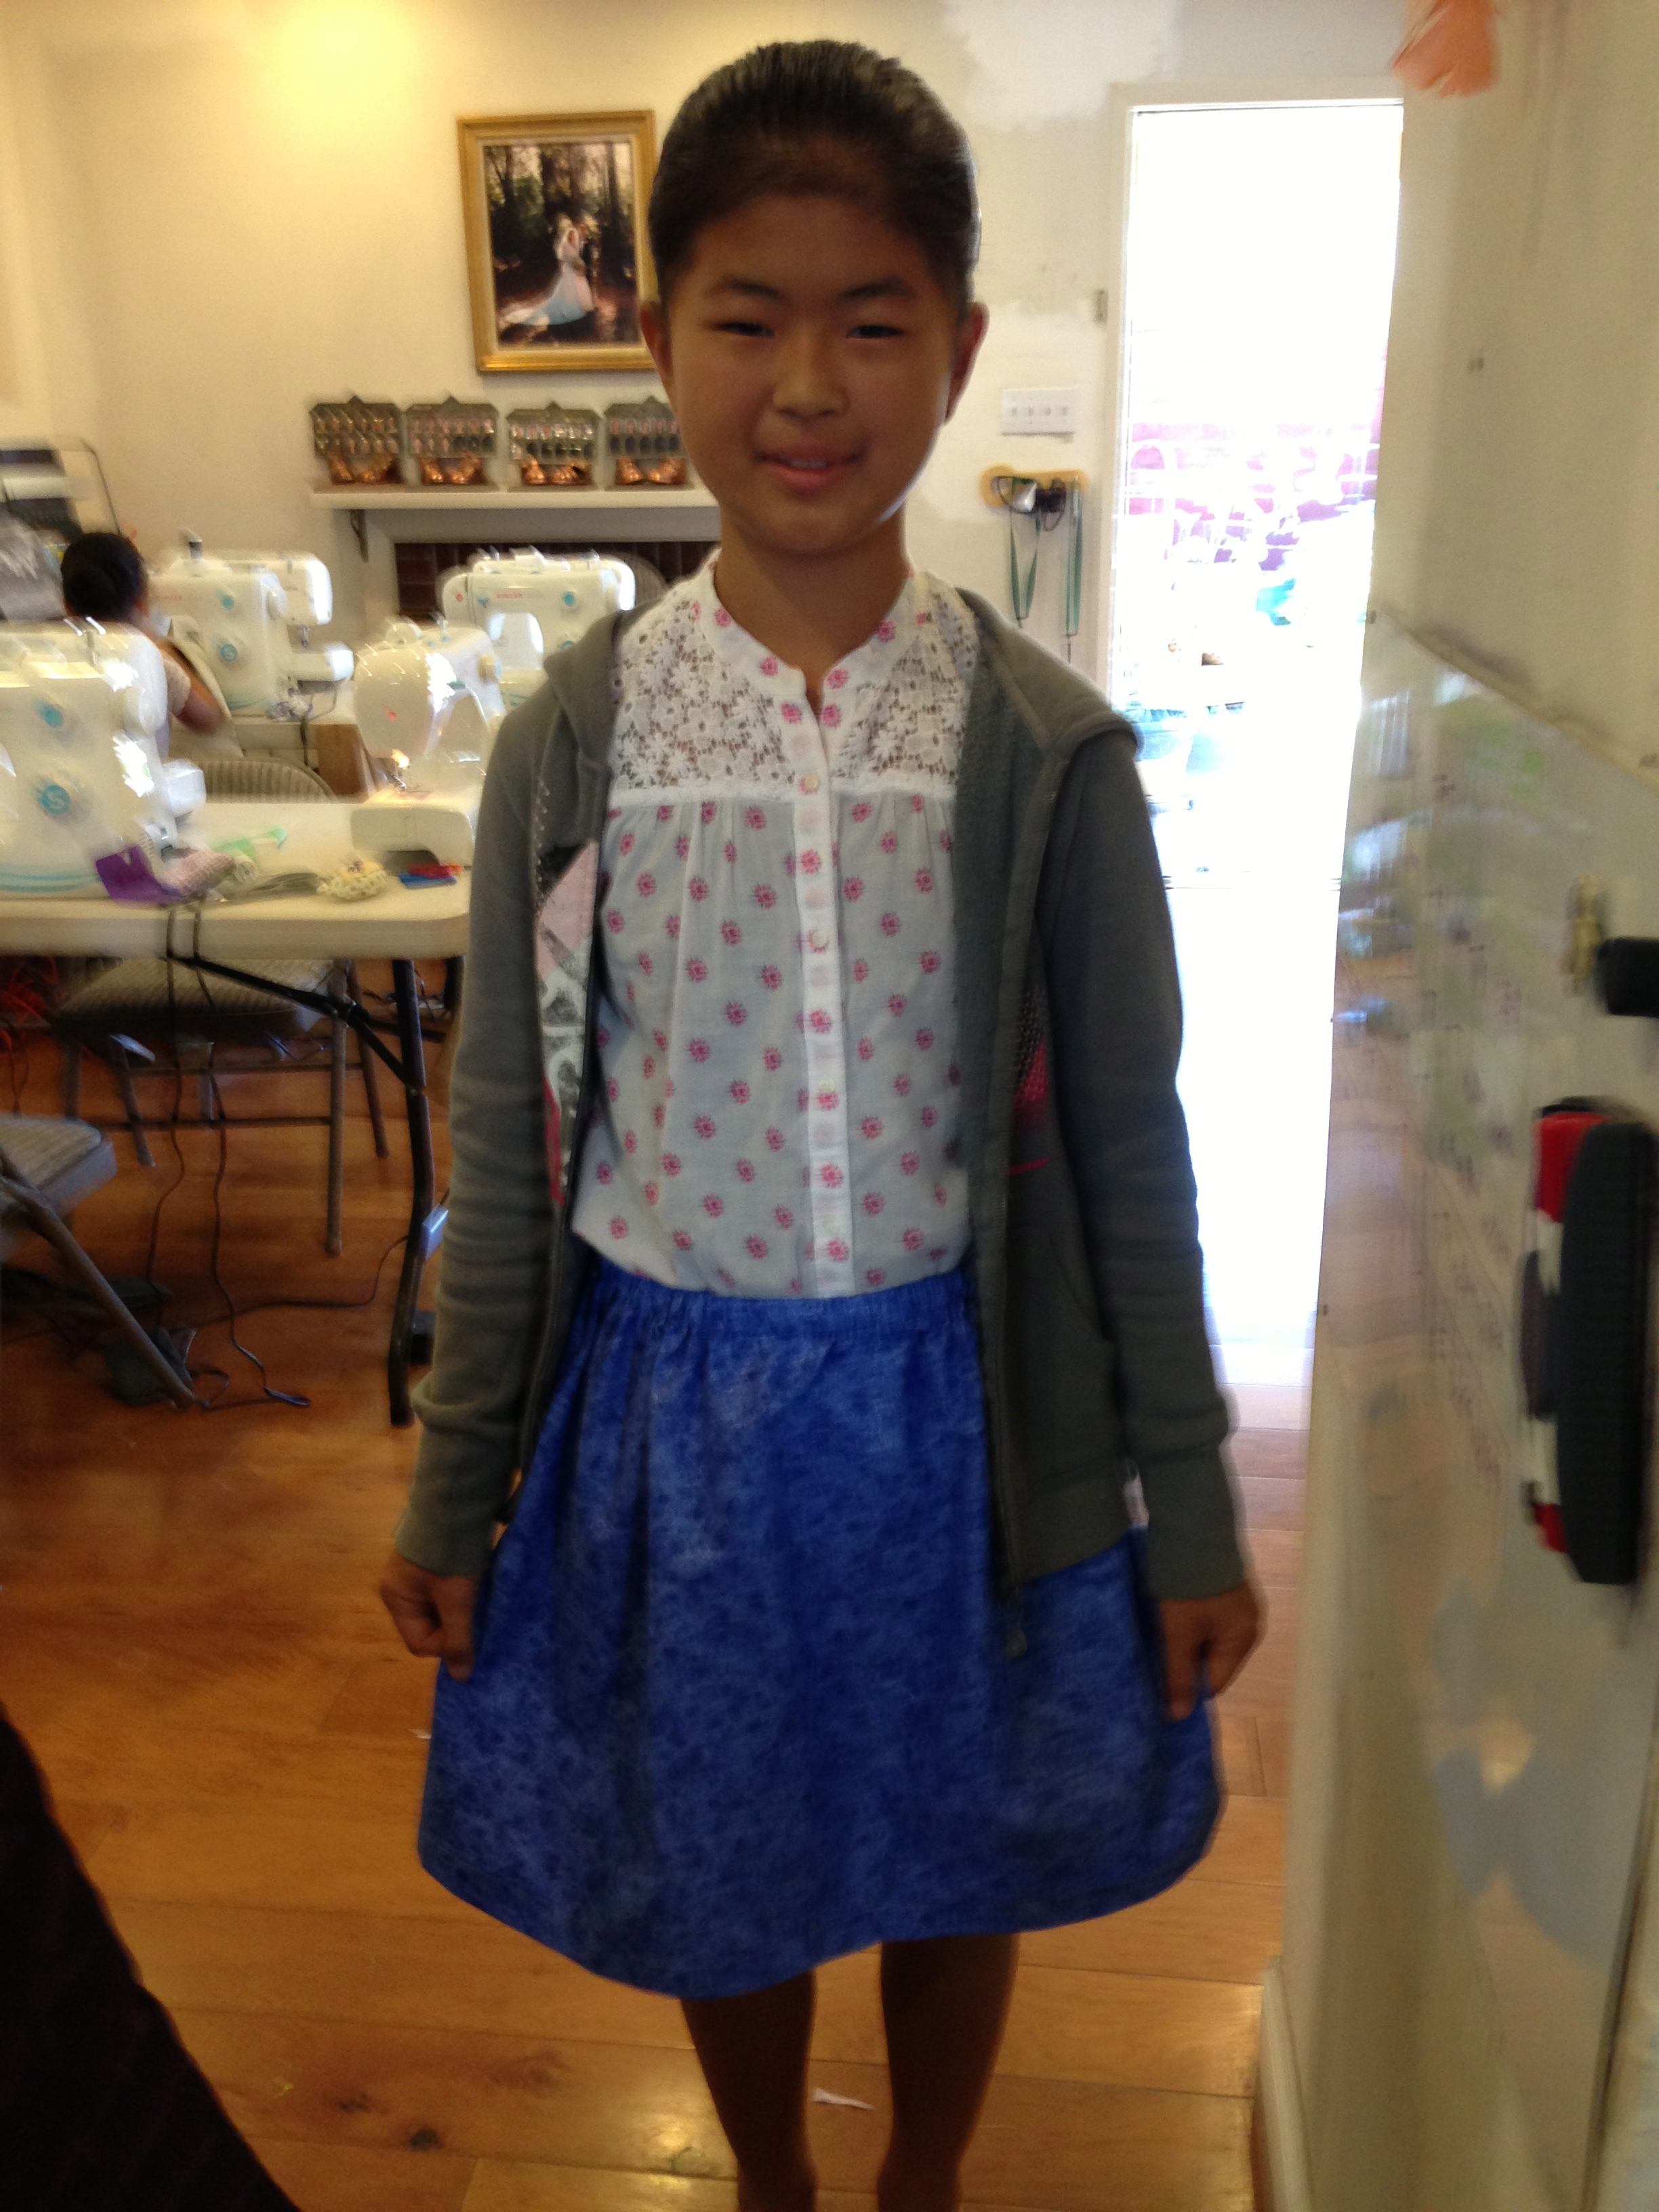 5th grade skirt.